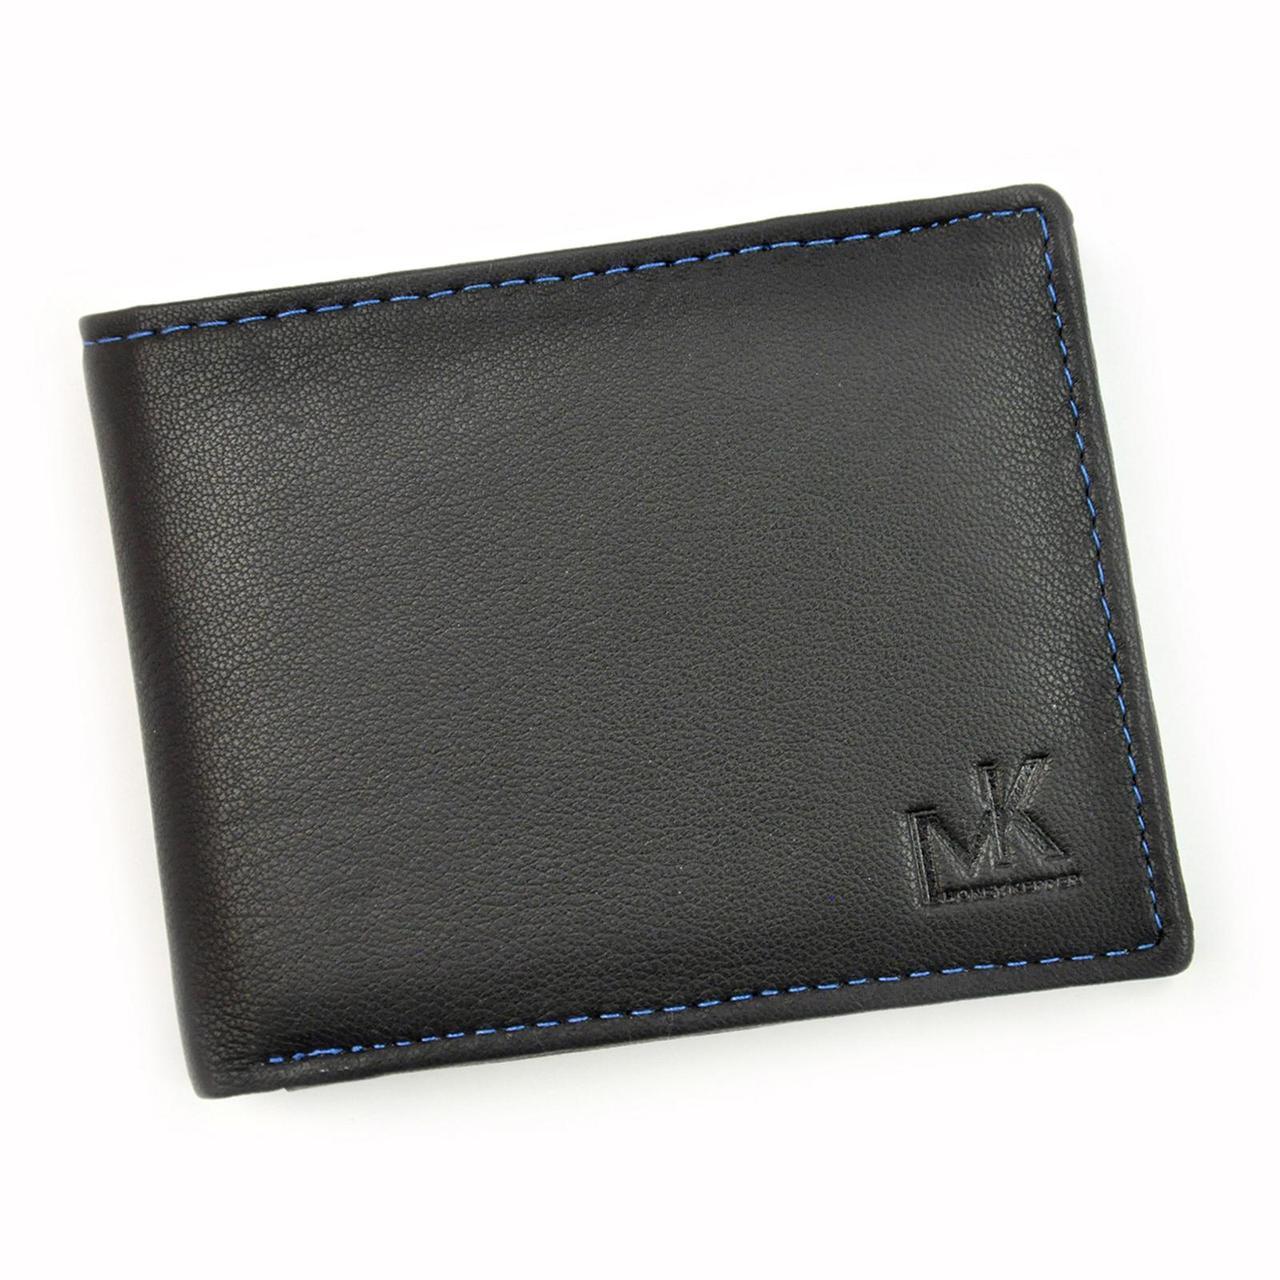 Чоловічий шкіряний гаманець Money Kepper CC 5130 Чорний